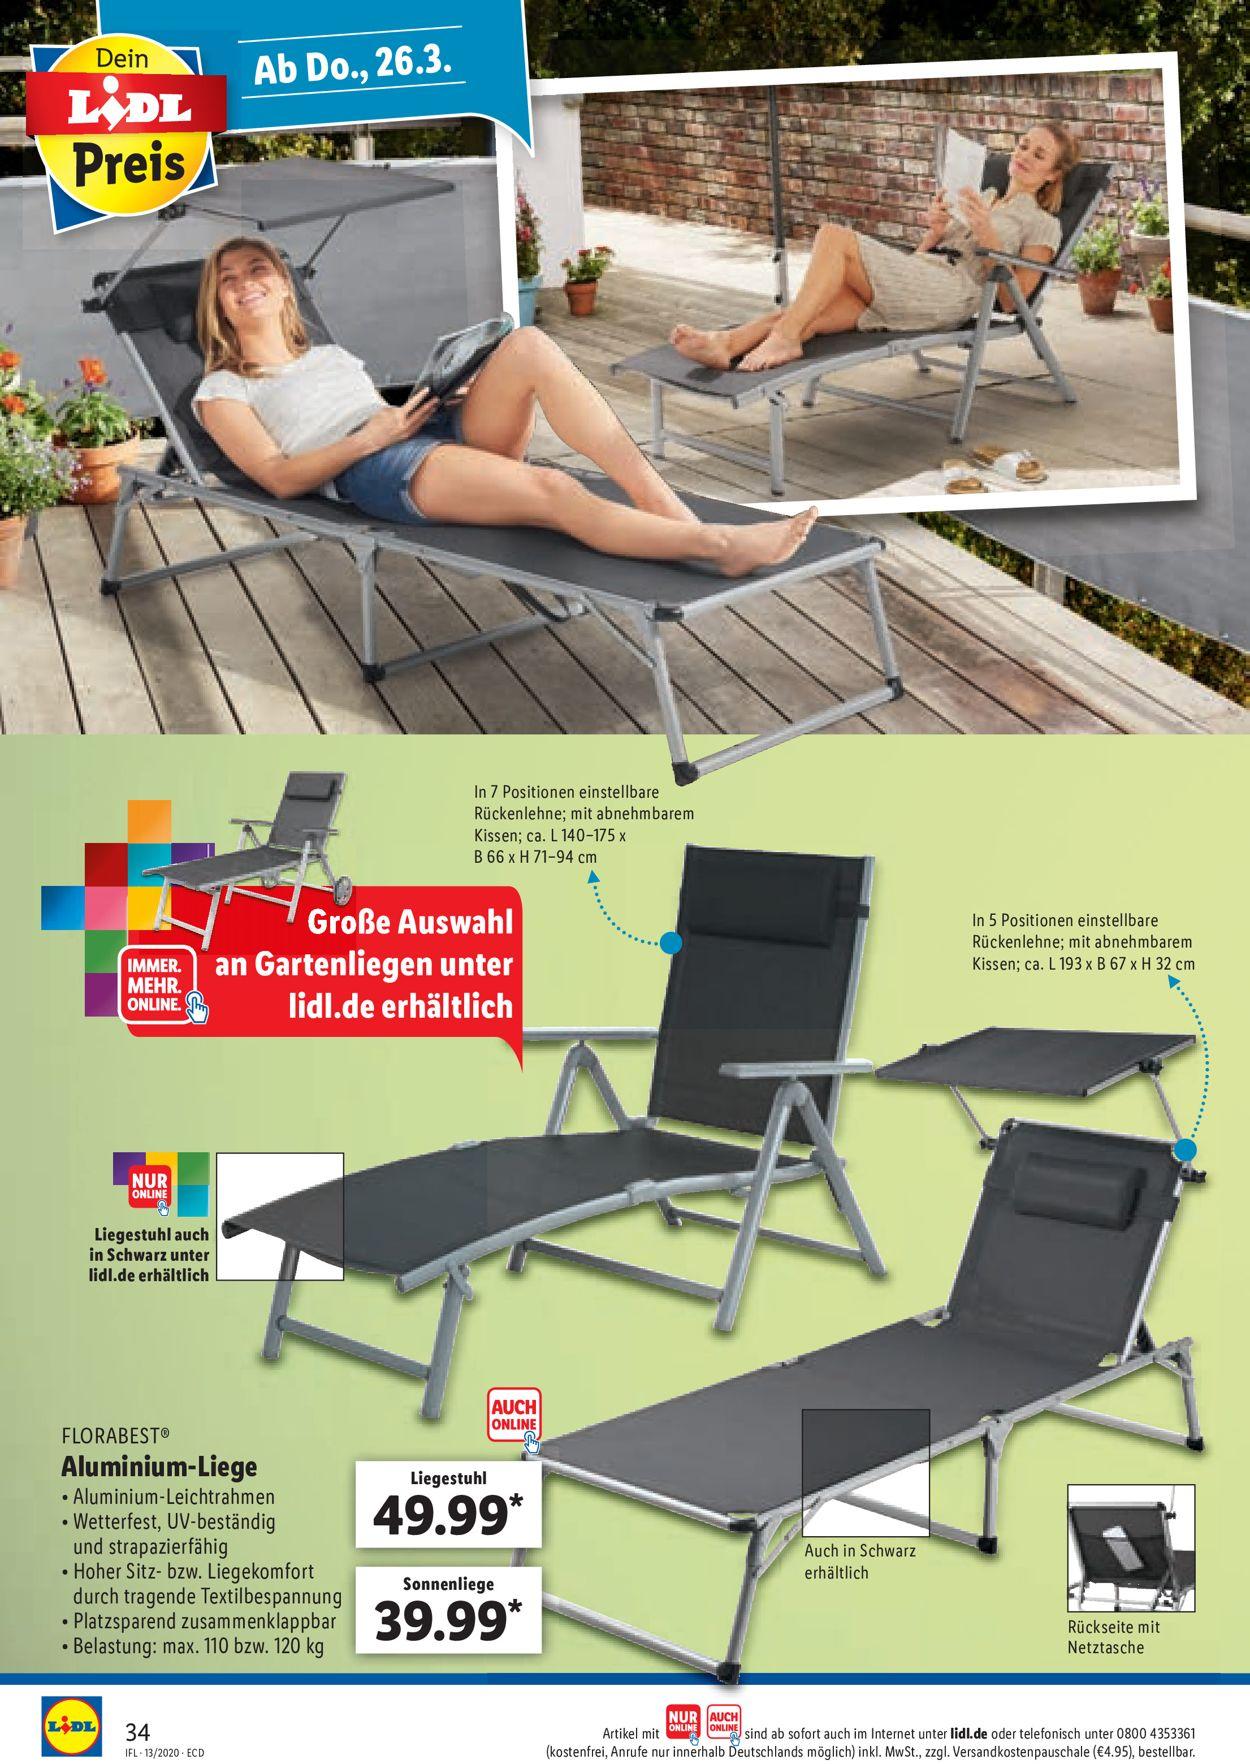 Full Size of Lidl Aktueller Prospekt 2303 28032020 34 Jedewoche Rabattede Relaxsessel Garten Aldi Wohnzimmer Sonnenliege Aldi